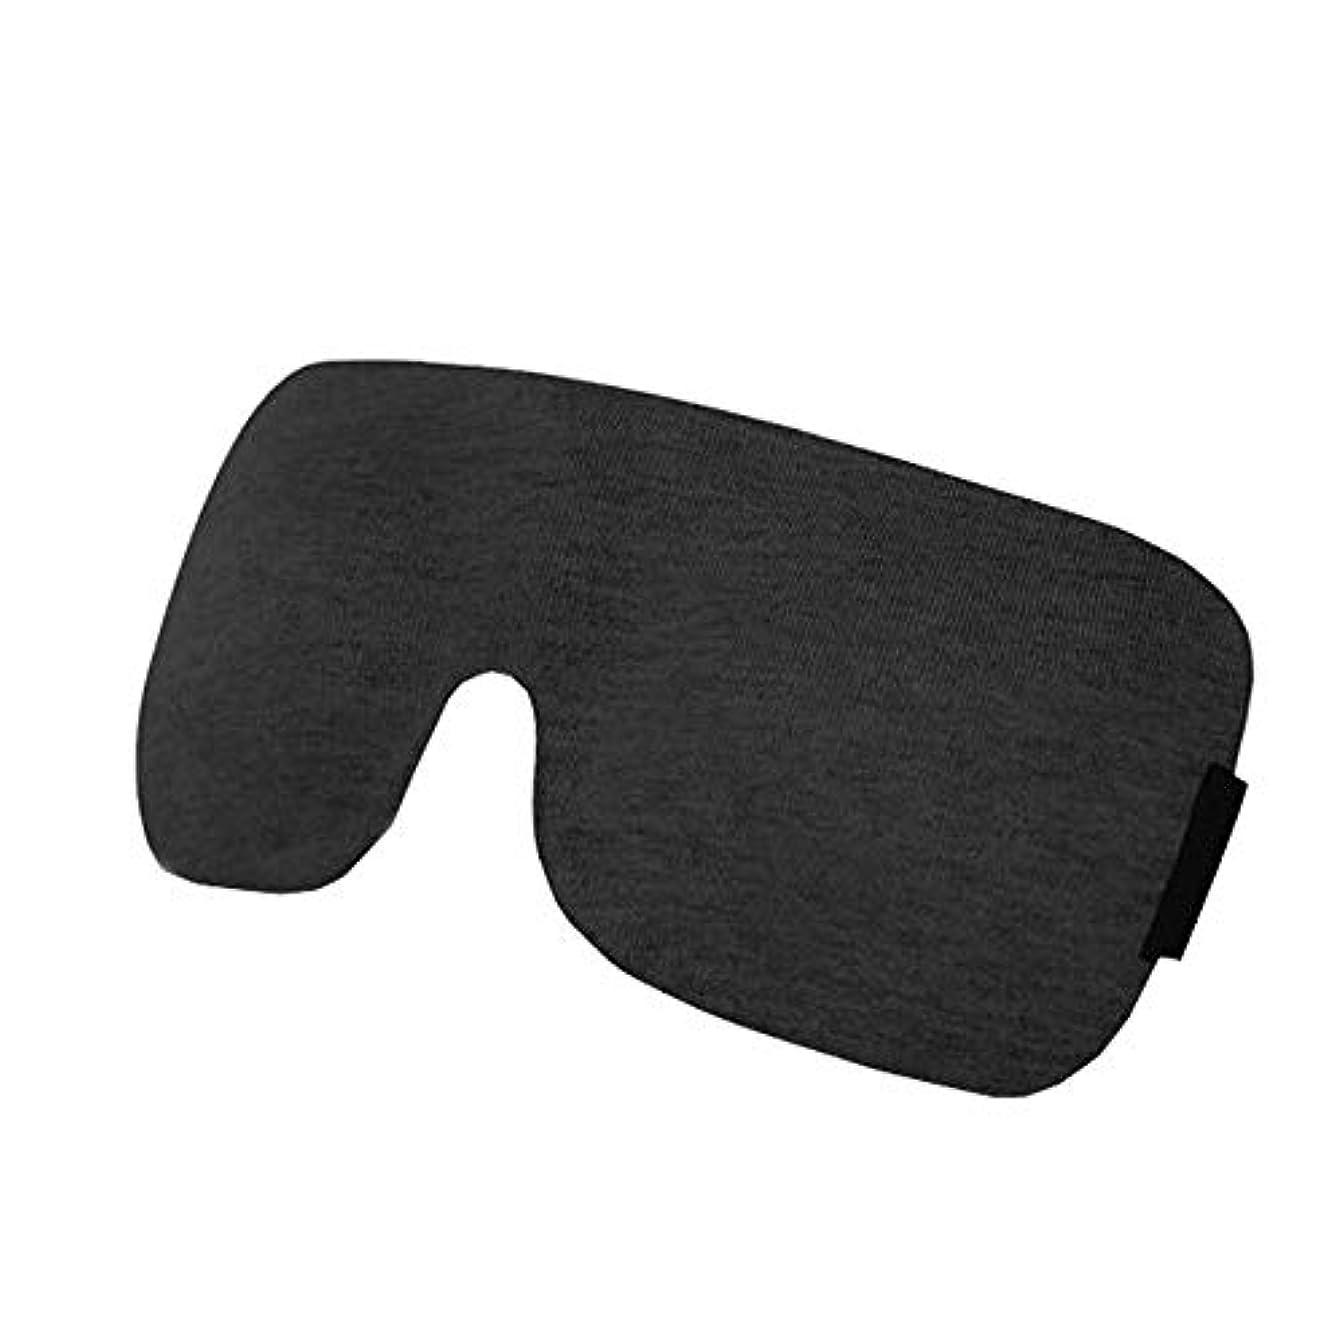 真実削減マティスHUICHEN 特別な子供の睡眠ゴーグルゴーグルアイシェードアイゴーグルゴーグルをプッシュしていない昼寝ゴーグル学生子供通気性の綿の3D (Color : Black)